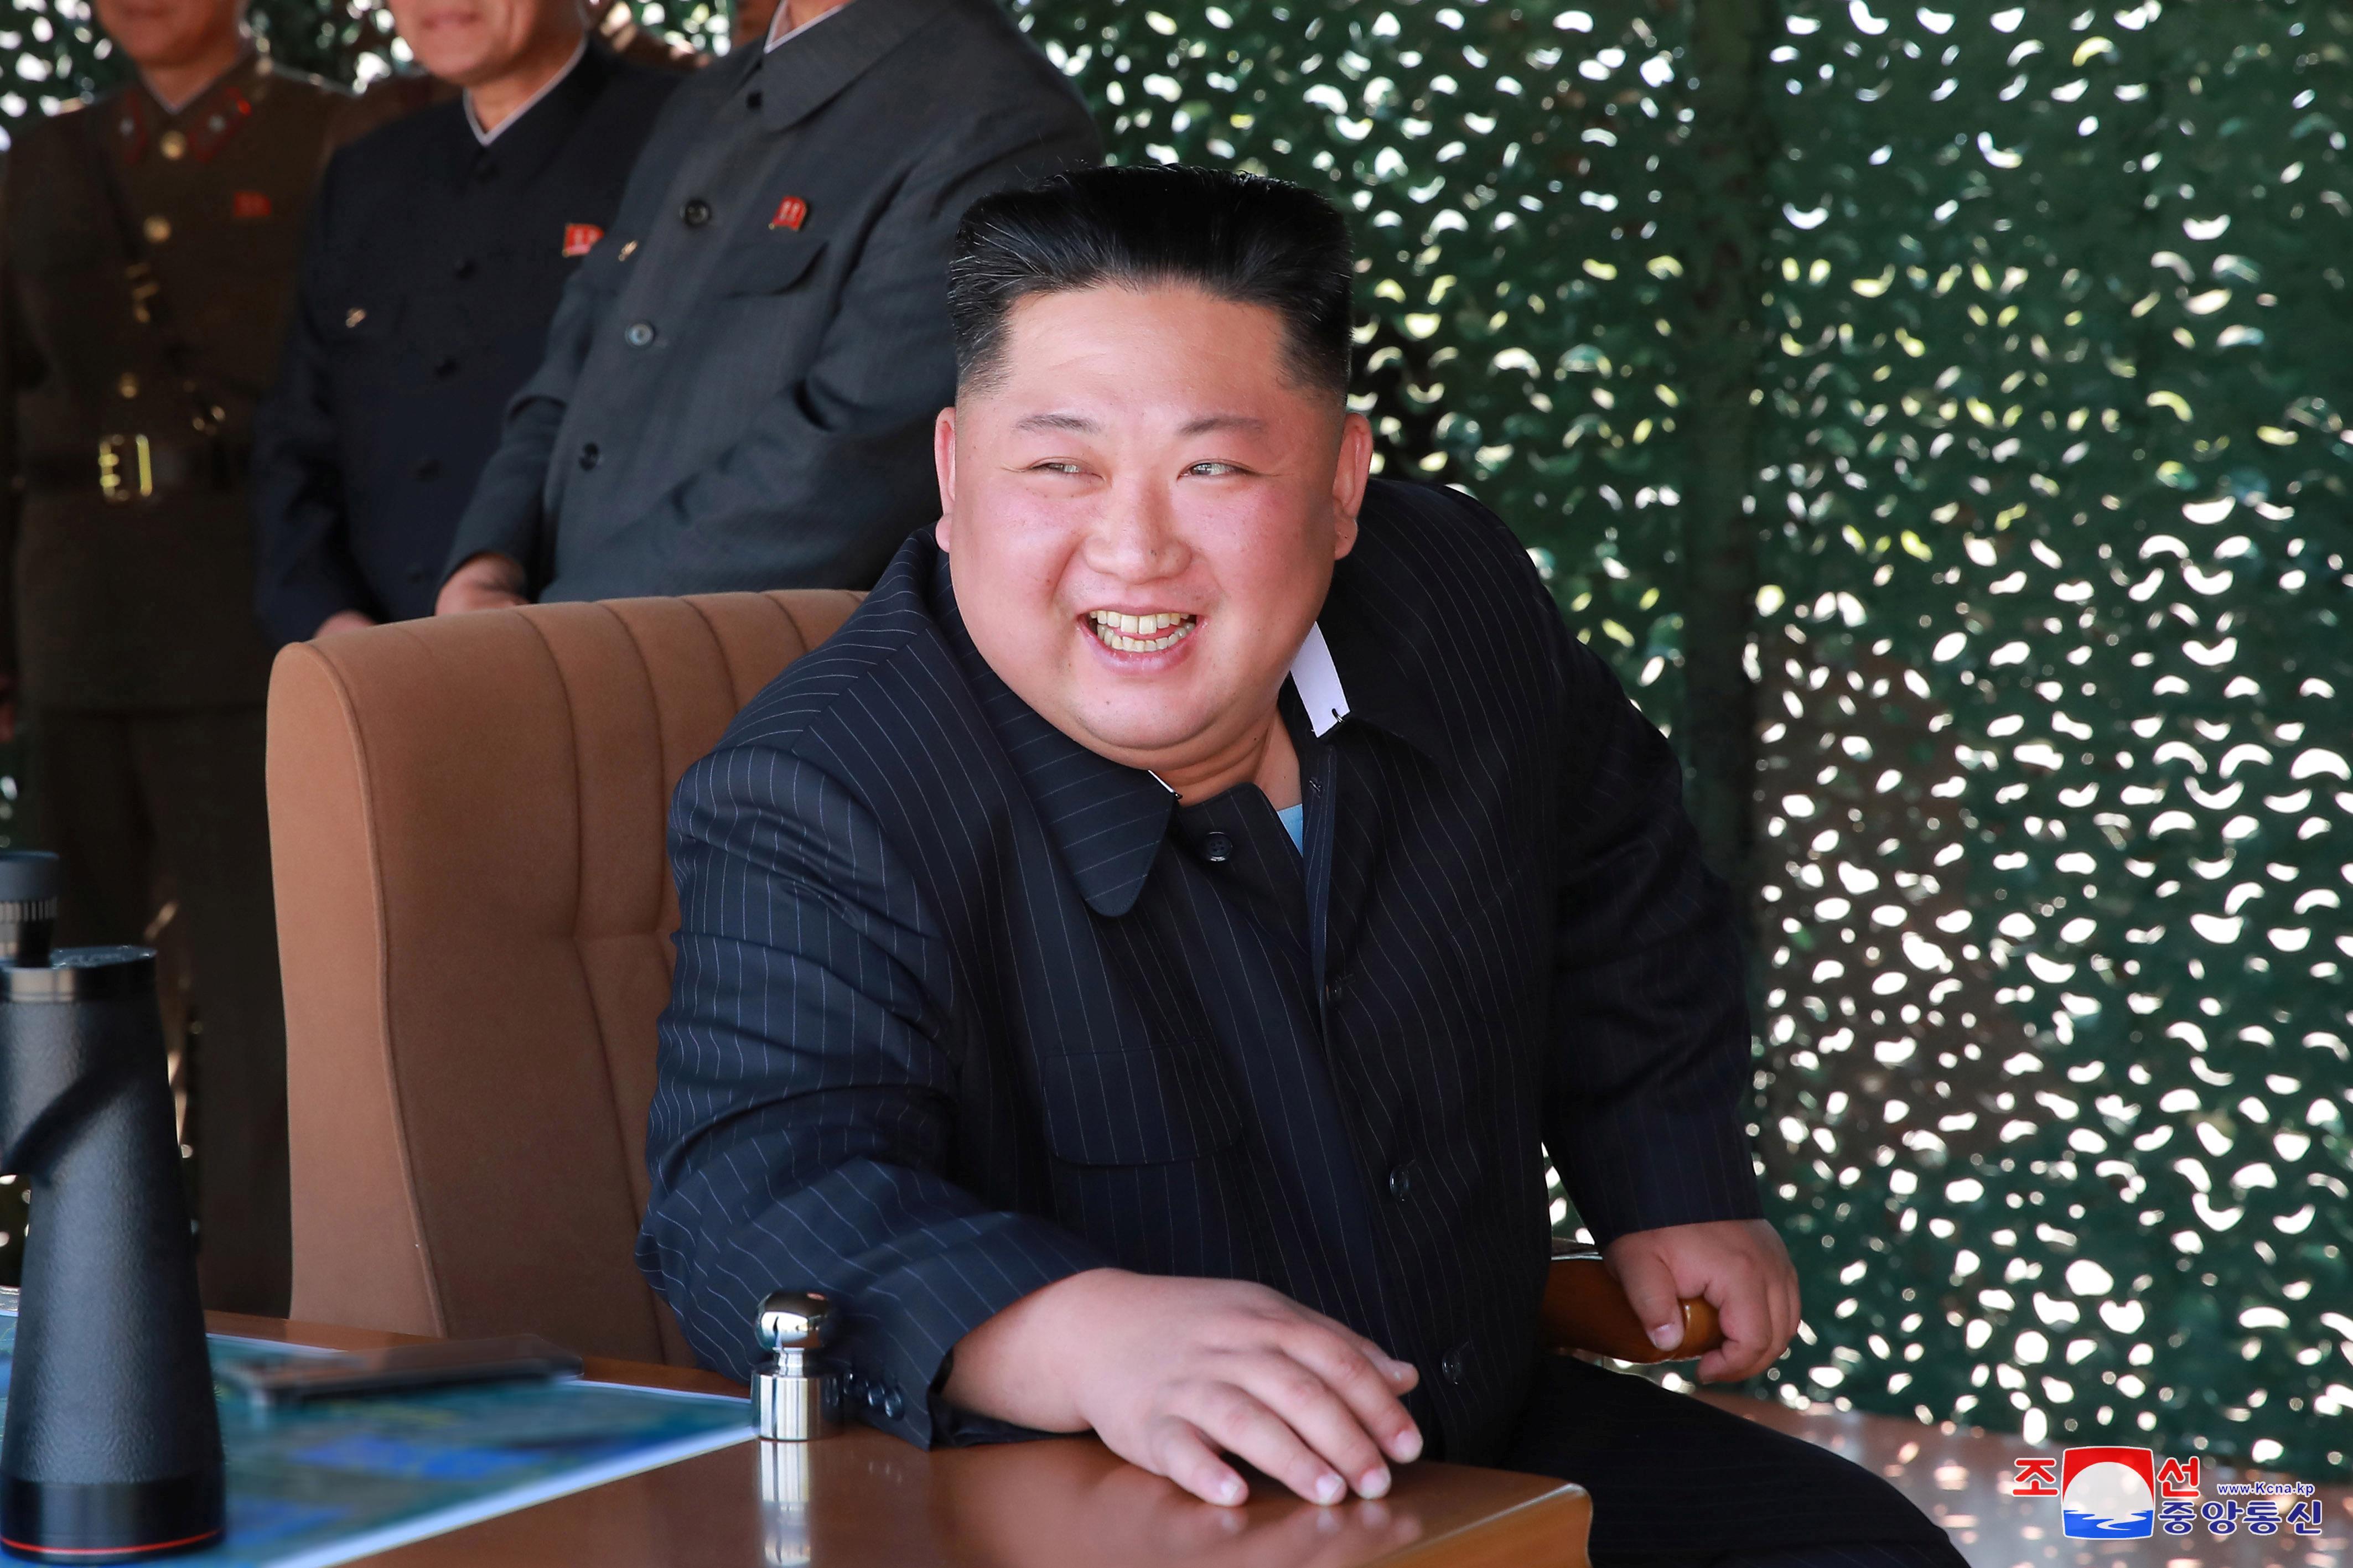 facebook cl north koreas - HD3010×1680